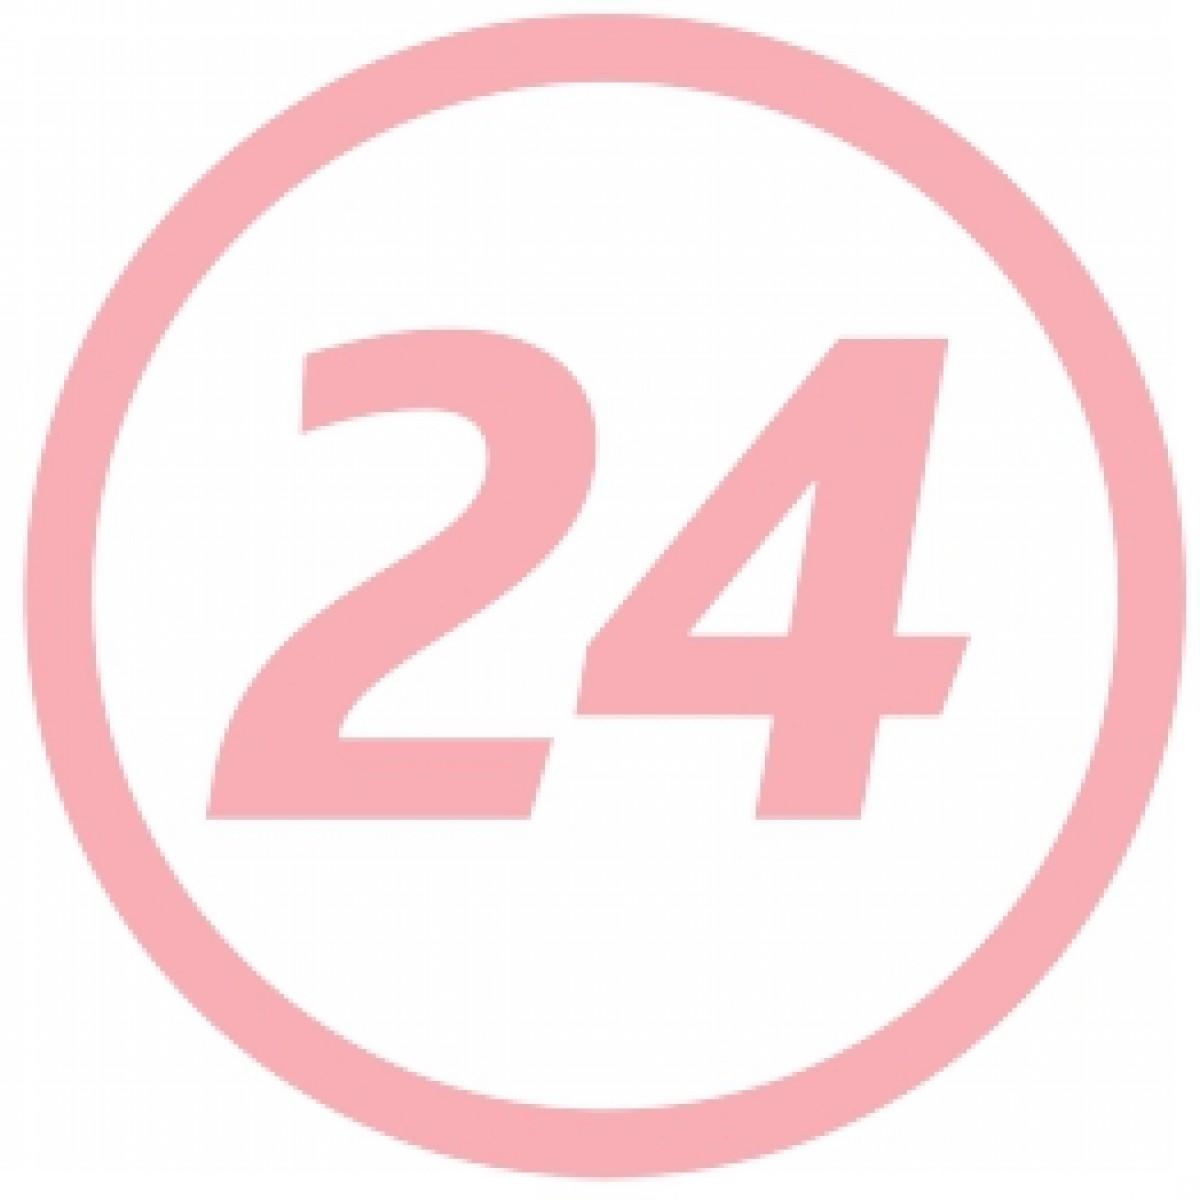 Gerovital H3 Derma+ Tratament Anticadere, Fiole, 12buc